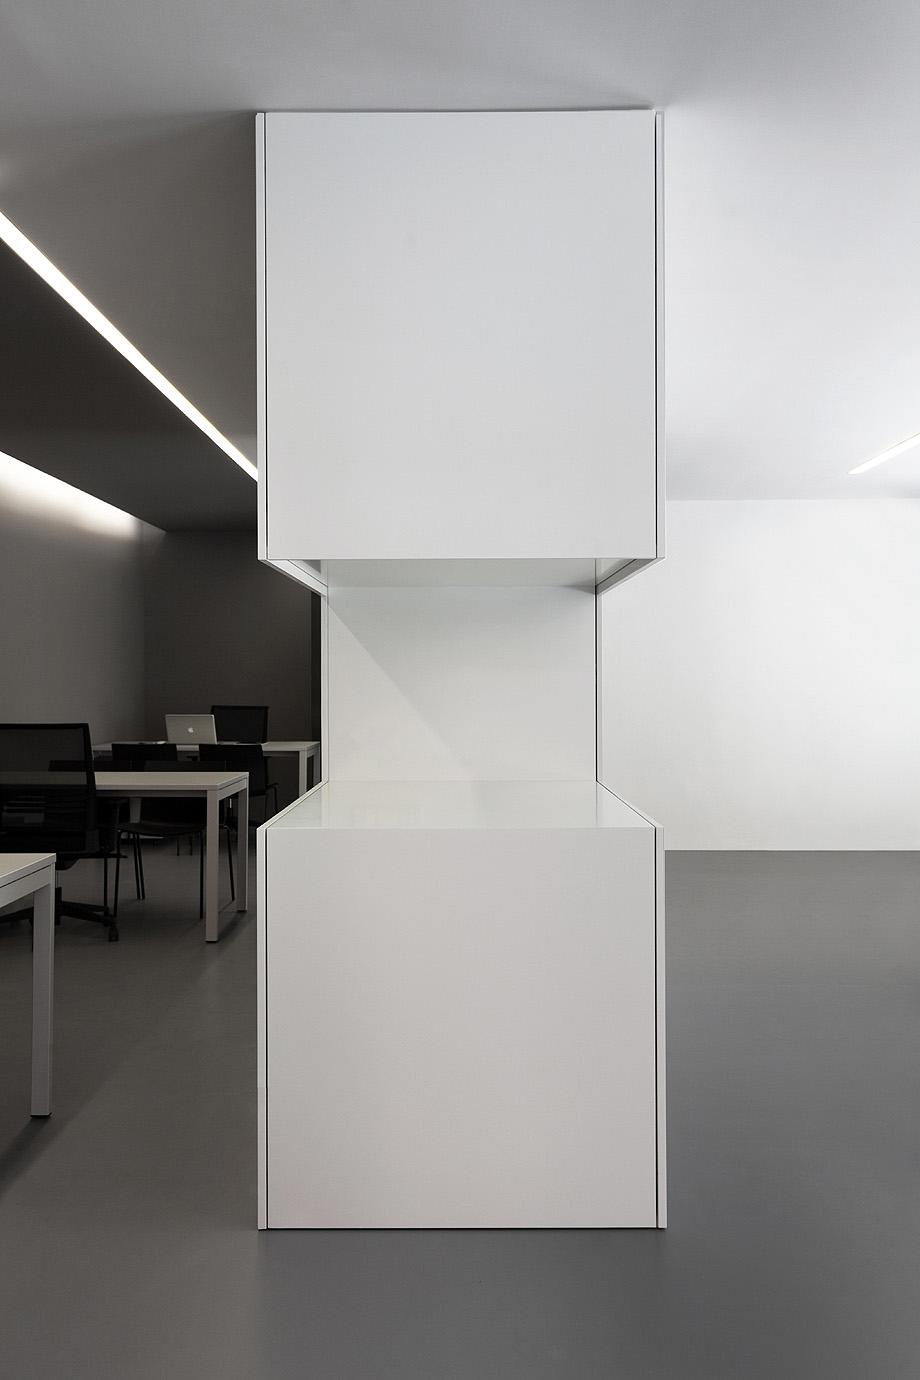 oficinas oav de fran silvestre arquitectos - foto diego opazo (12)